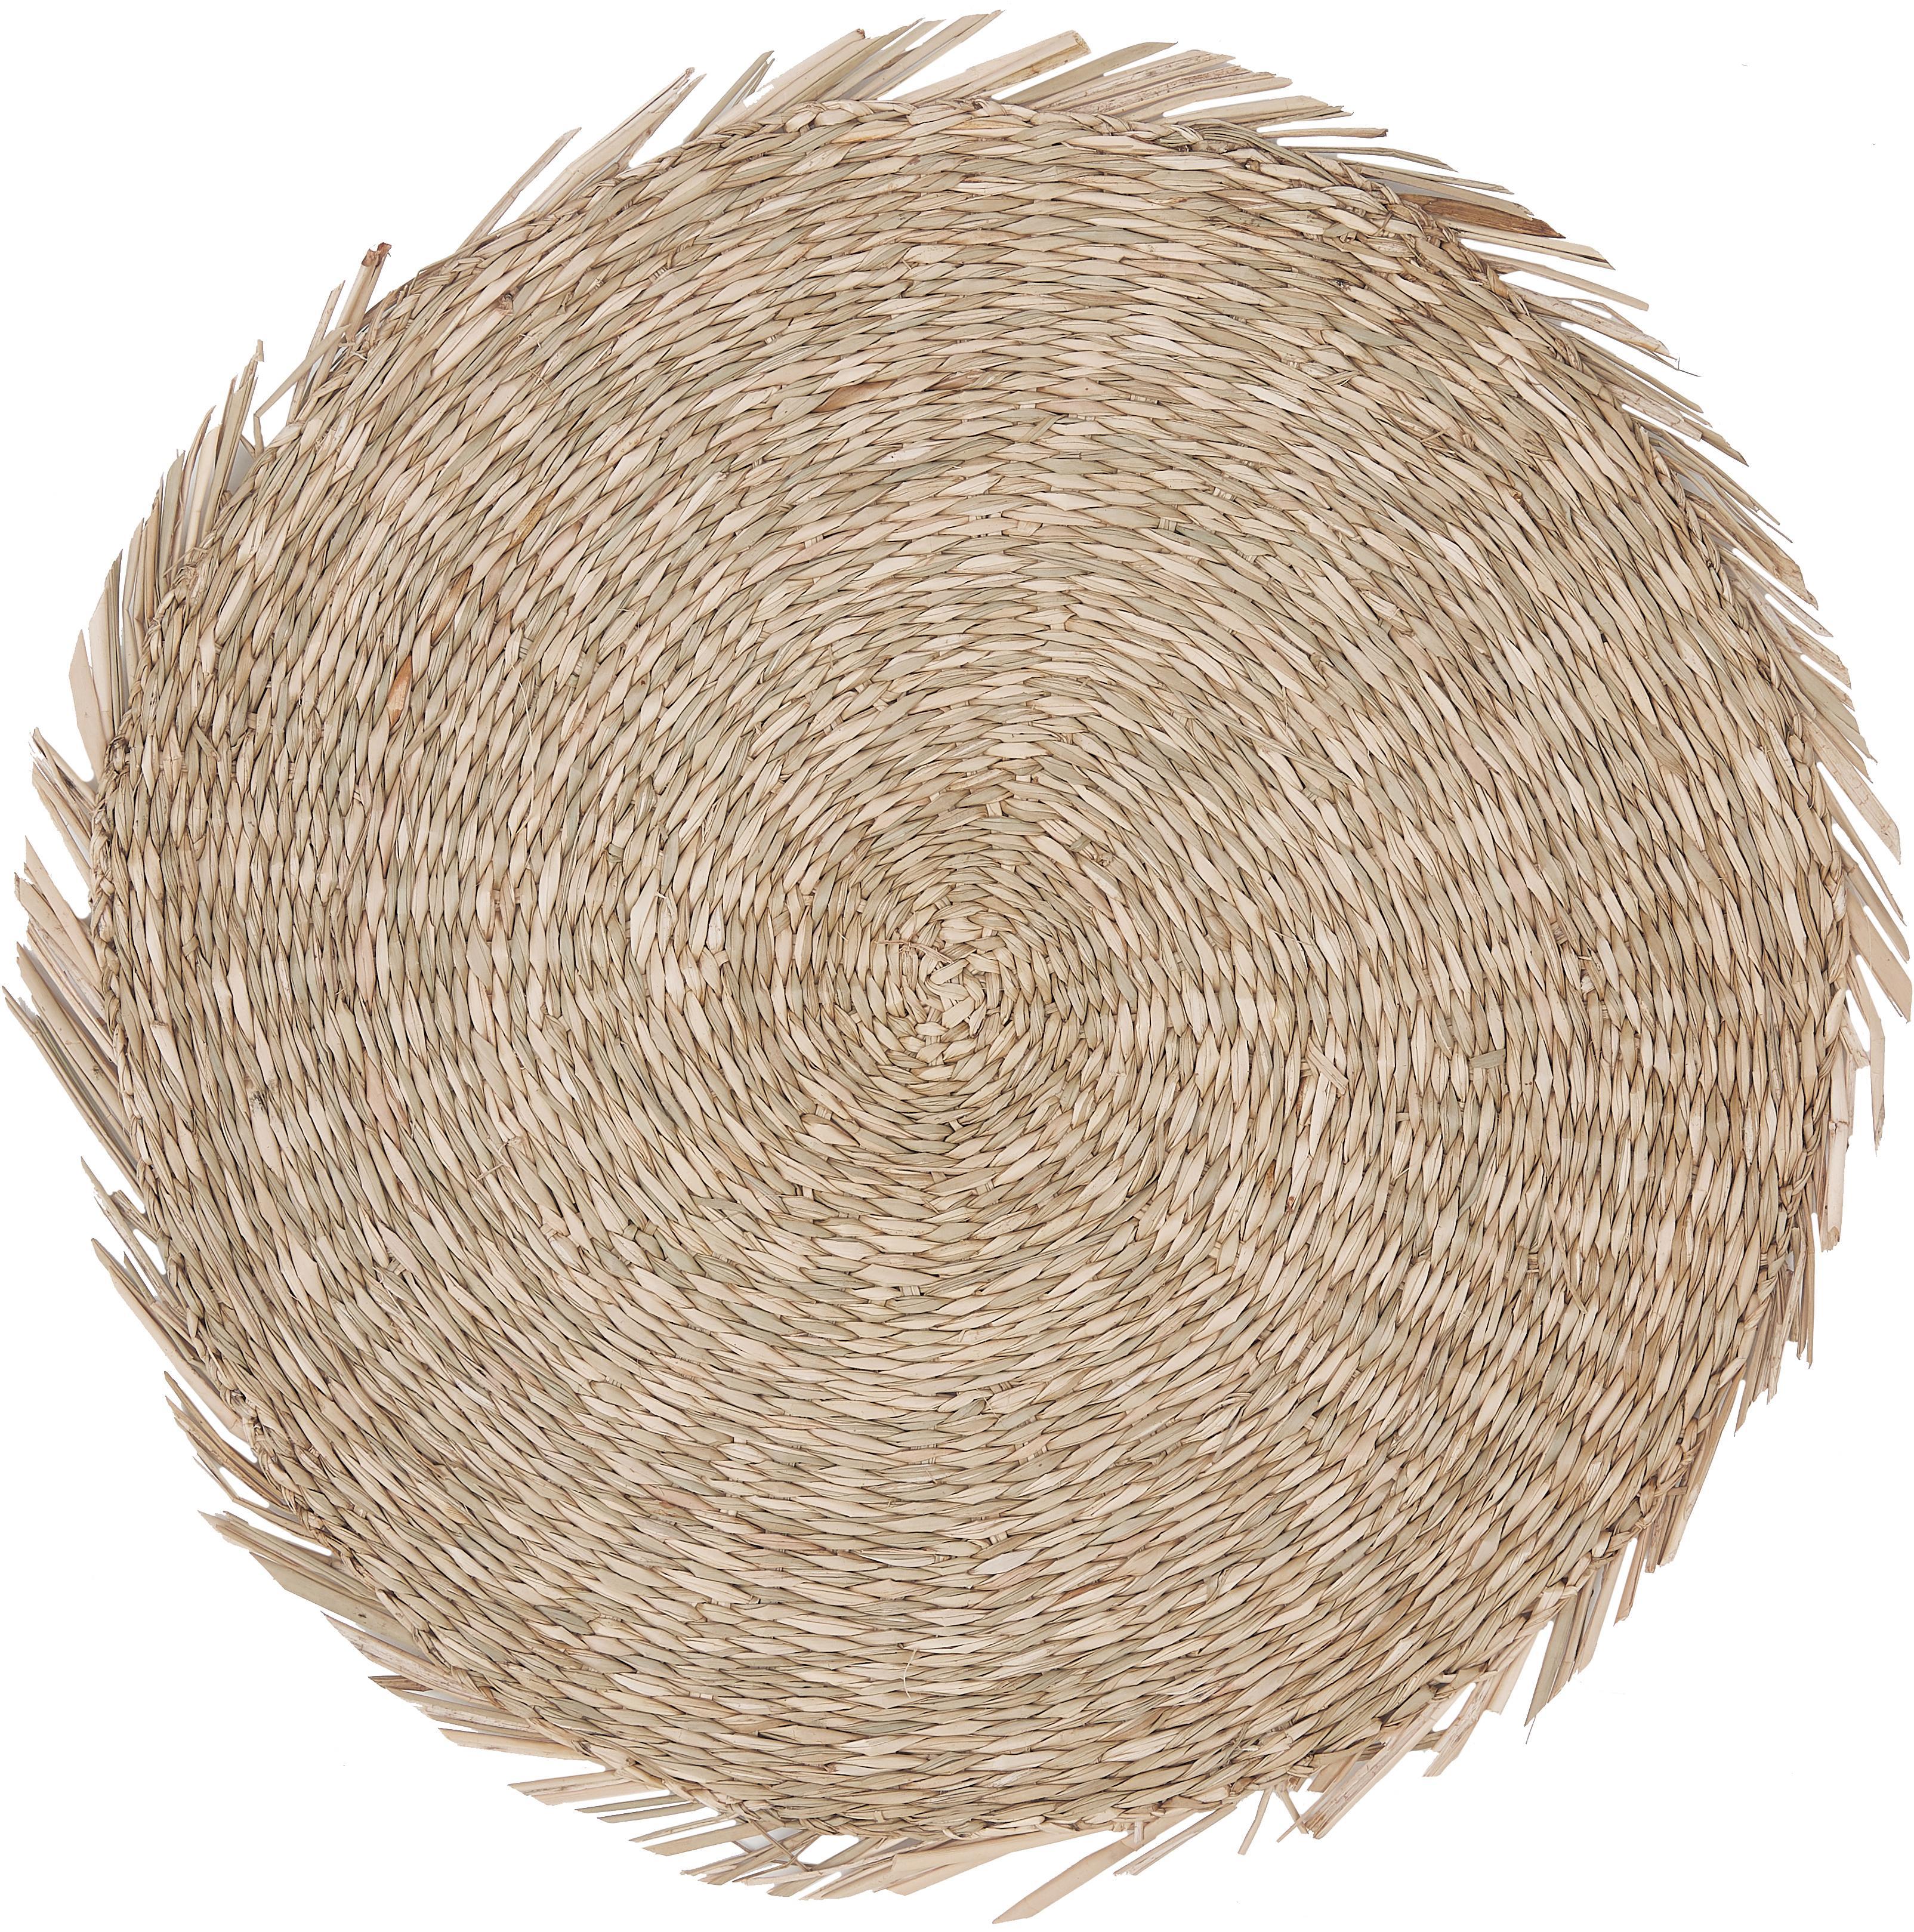 Okrągła podkładka z trawy morskiej Whirl, Trawa morska, Beżowy, Ø 38 cm